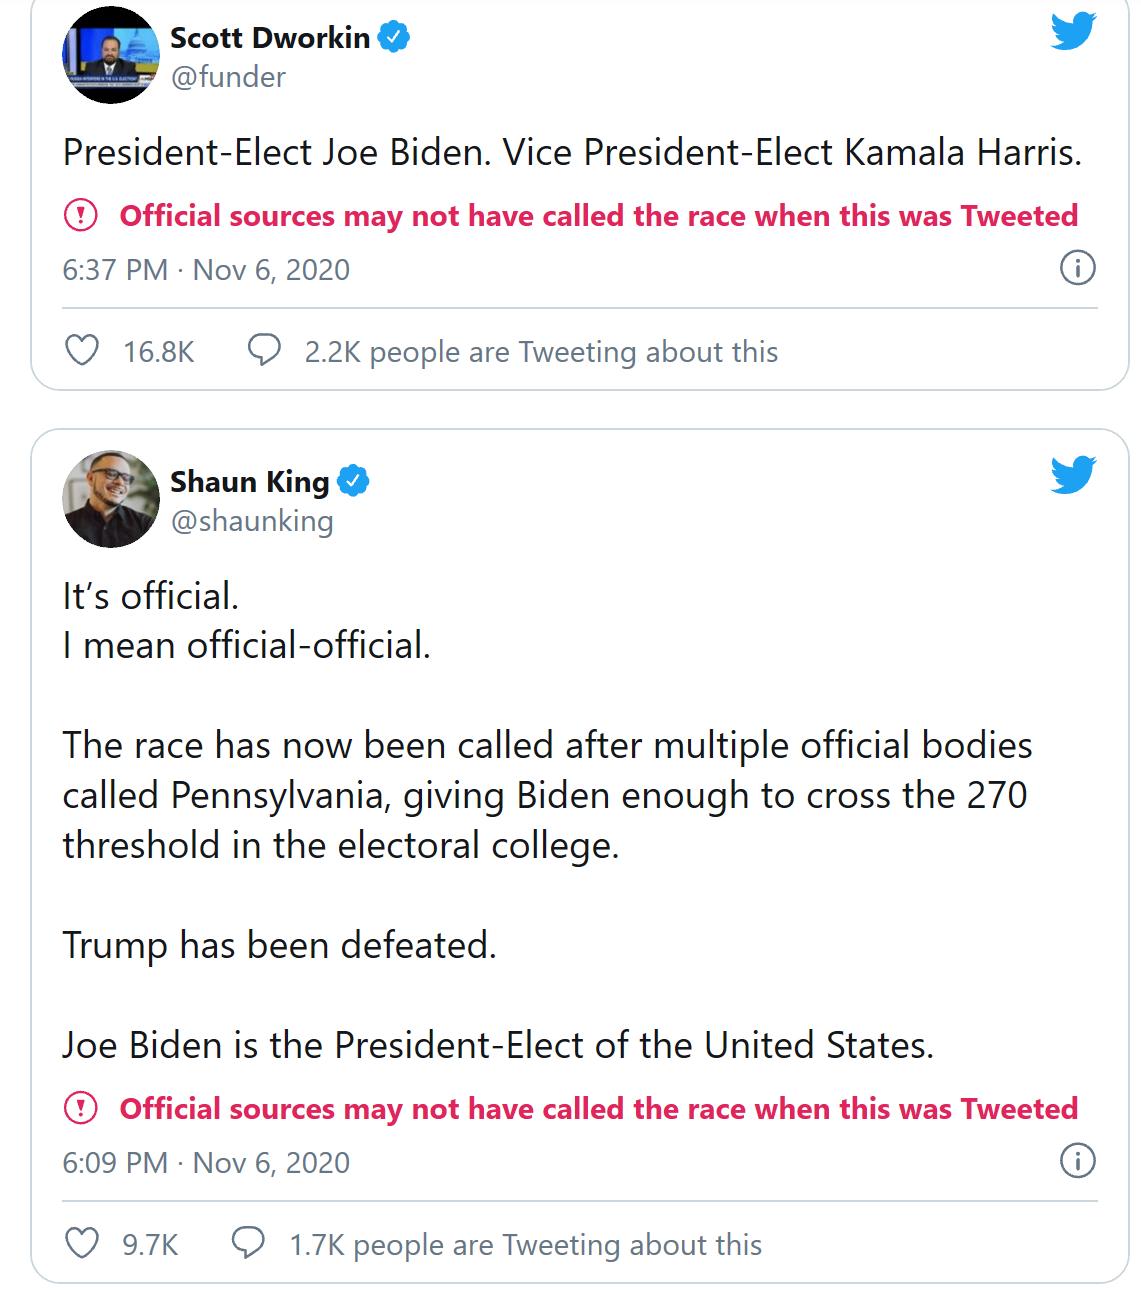 الإشارة التي وضعها تويتر على التغريدات التي وصفت بايدن بالرئيس المنتخب